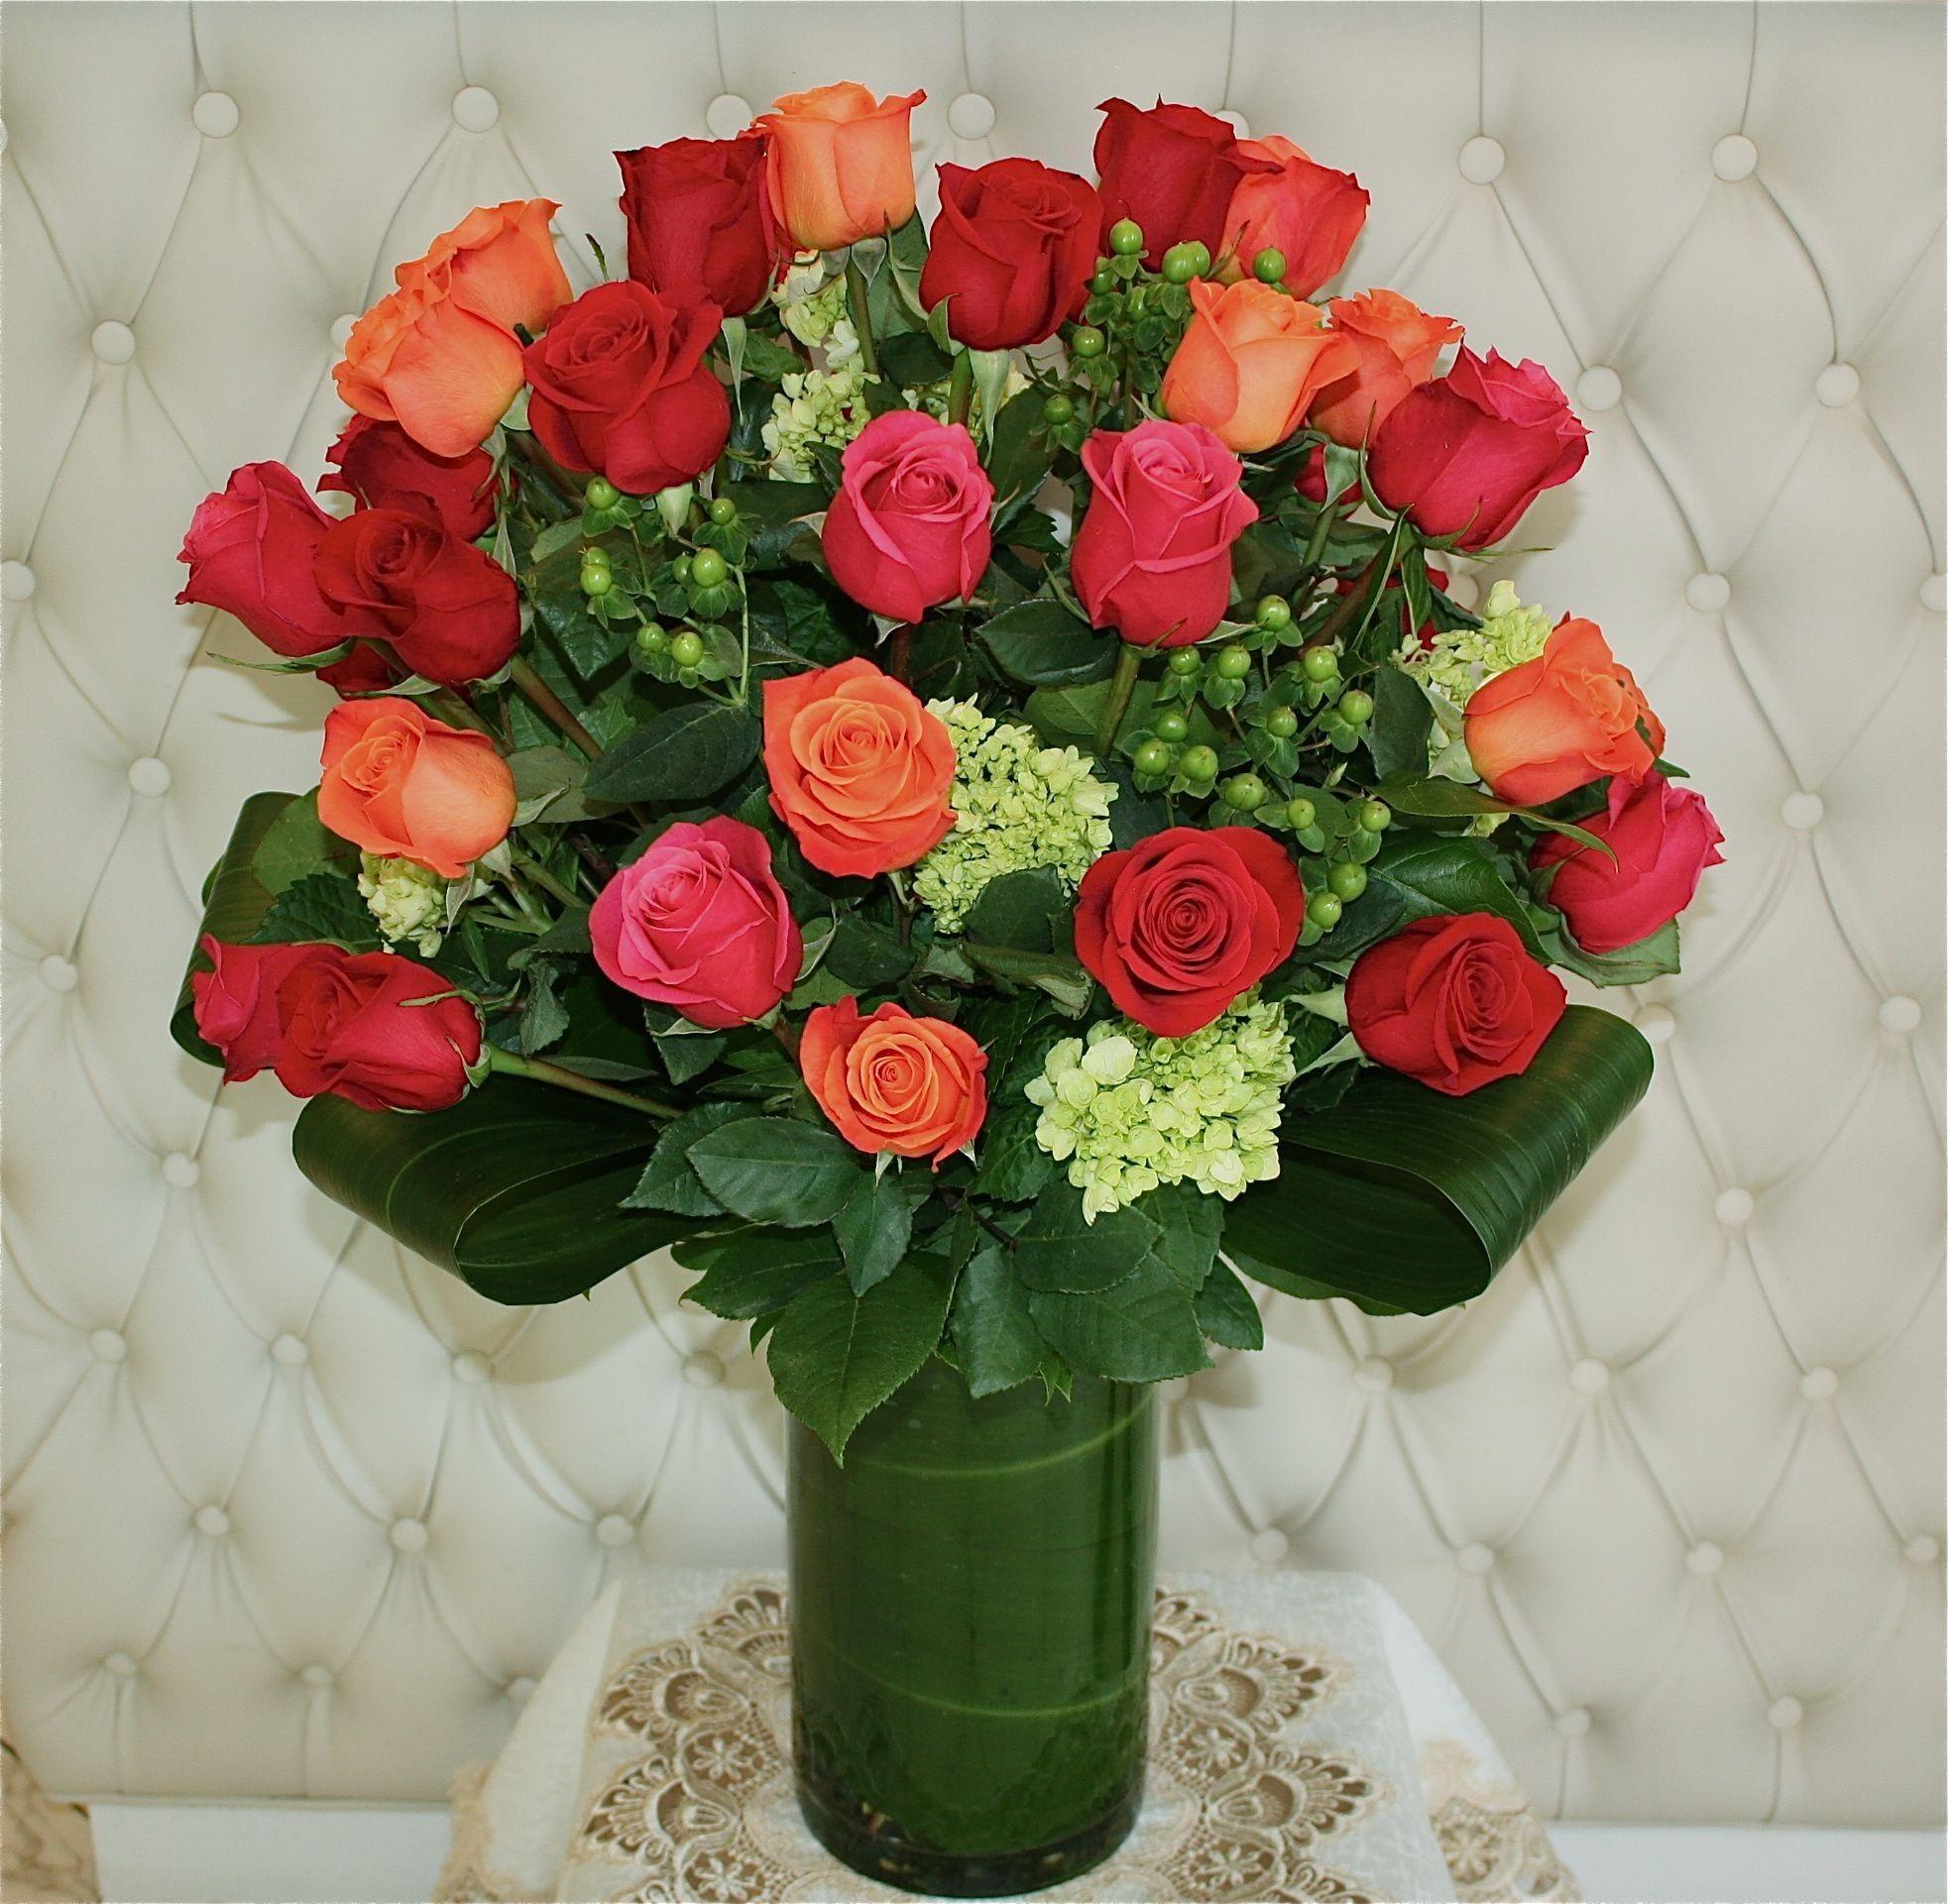 Three Dozen Roses arrangement by Violet's Florist Rose